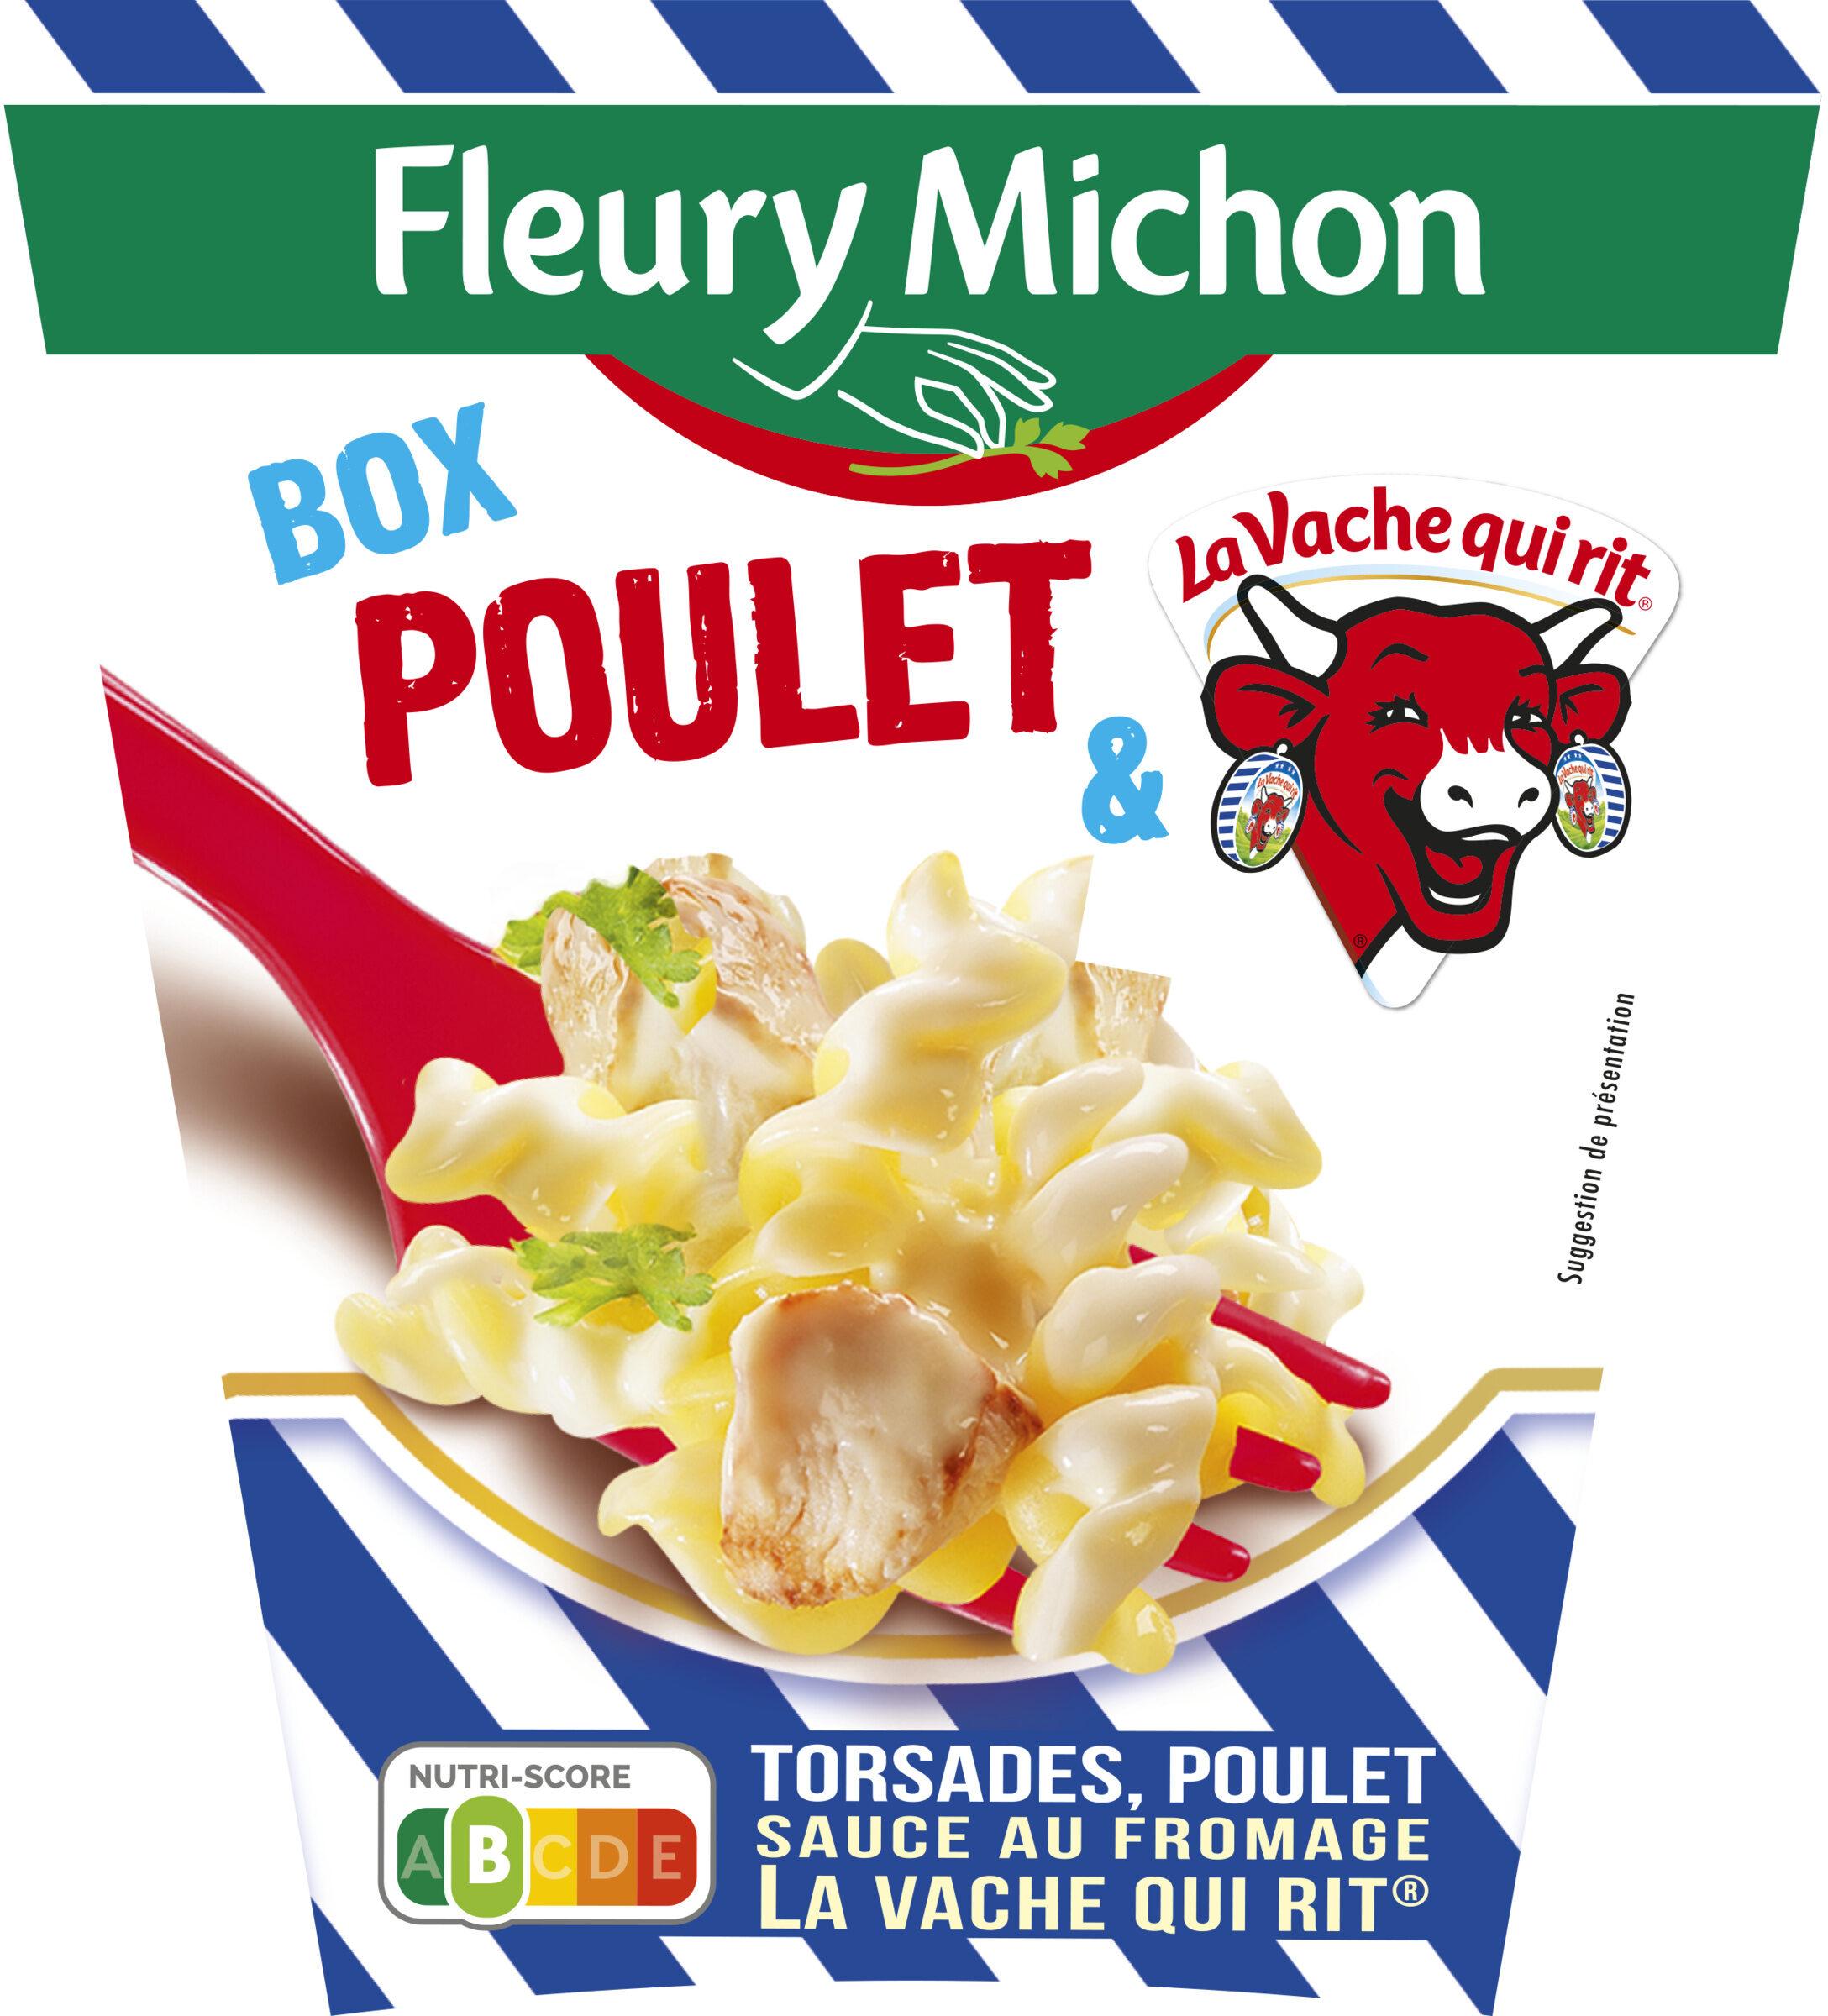 BOX POULET & LA VACHE QUI RIT® (torsades, poulet sauce au fromage la vache qui rit®) - Produit - fr